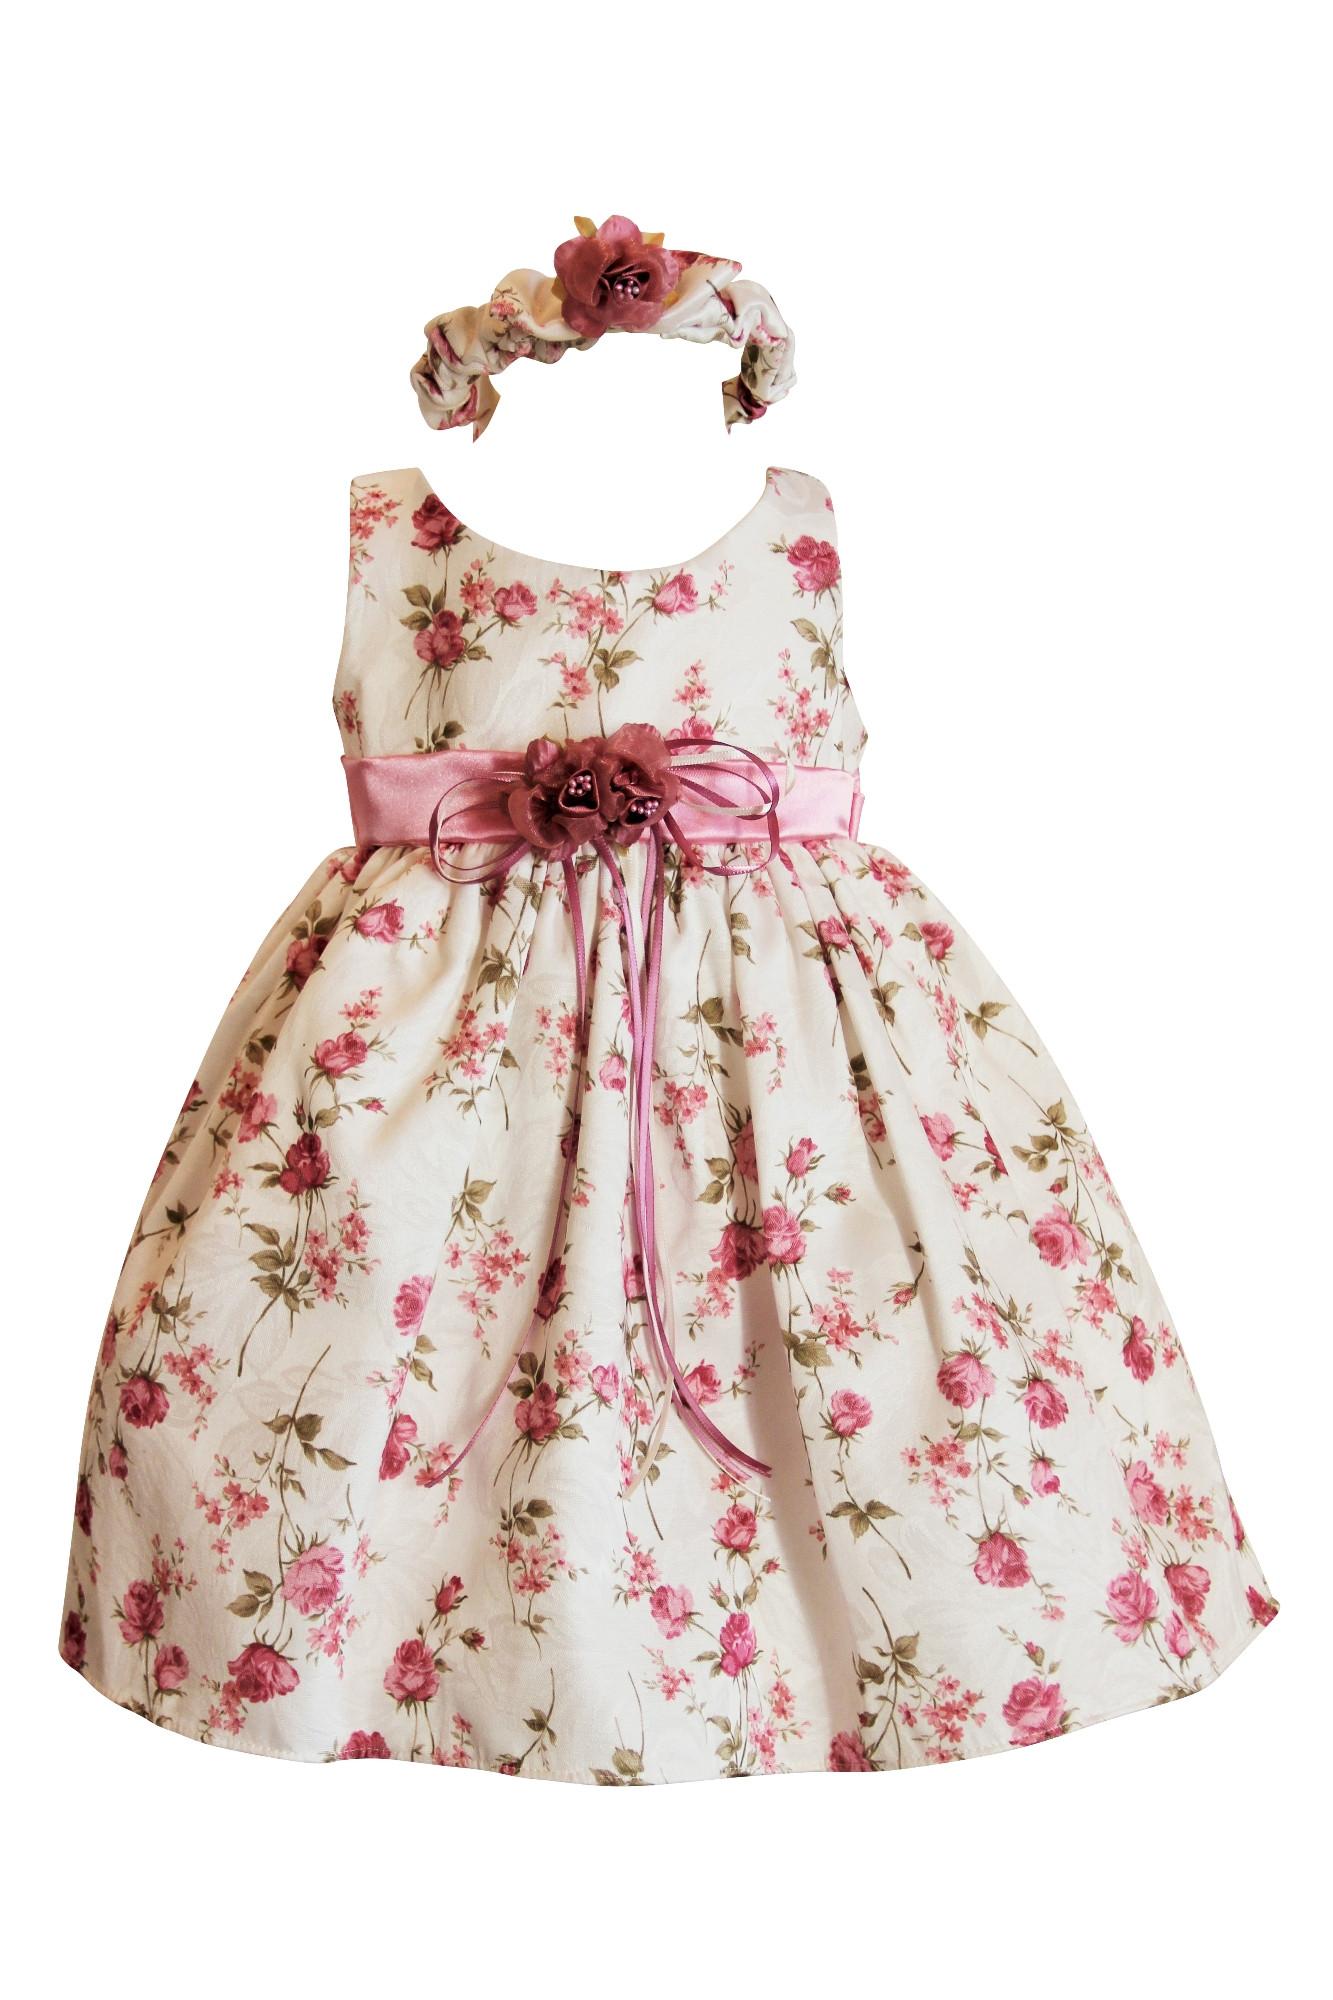 BIMARO Baby Mädchen Babykleid Emma rosa creme beige geblümt Kleid ...